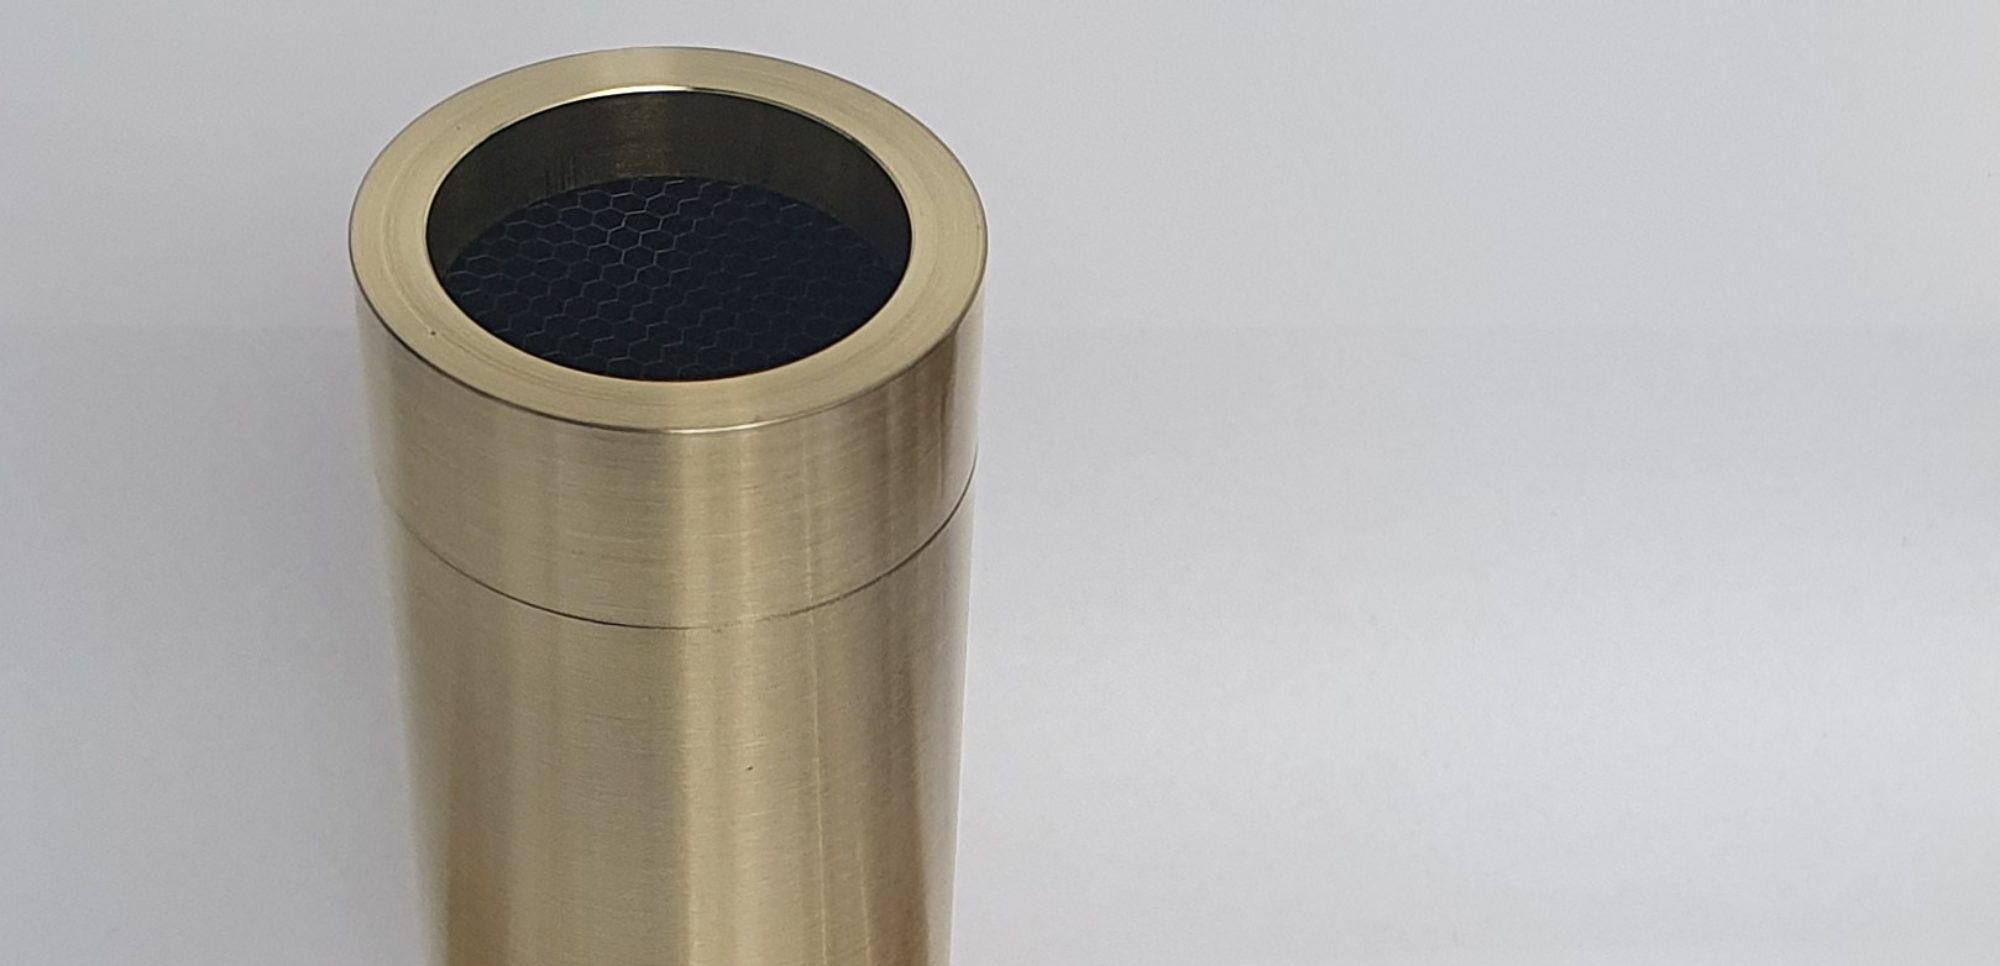 Conduit lighting - Copper conduit | Antique Brass Conduit | Conduit Accessories